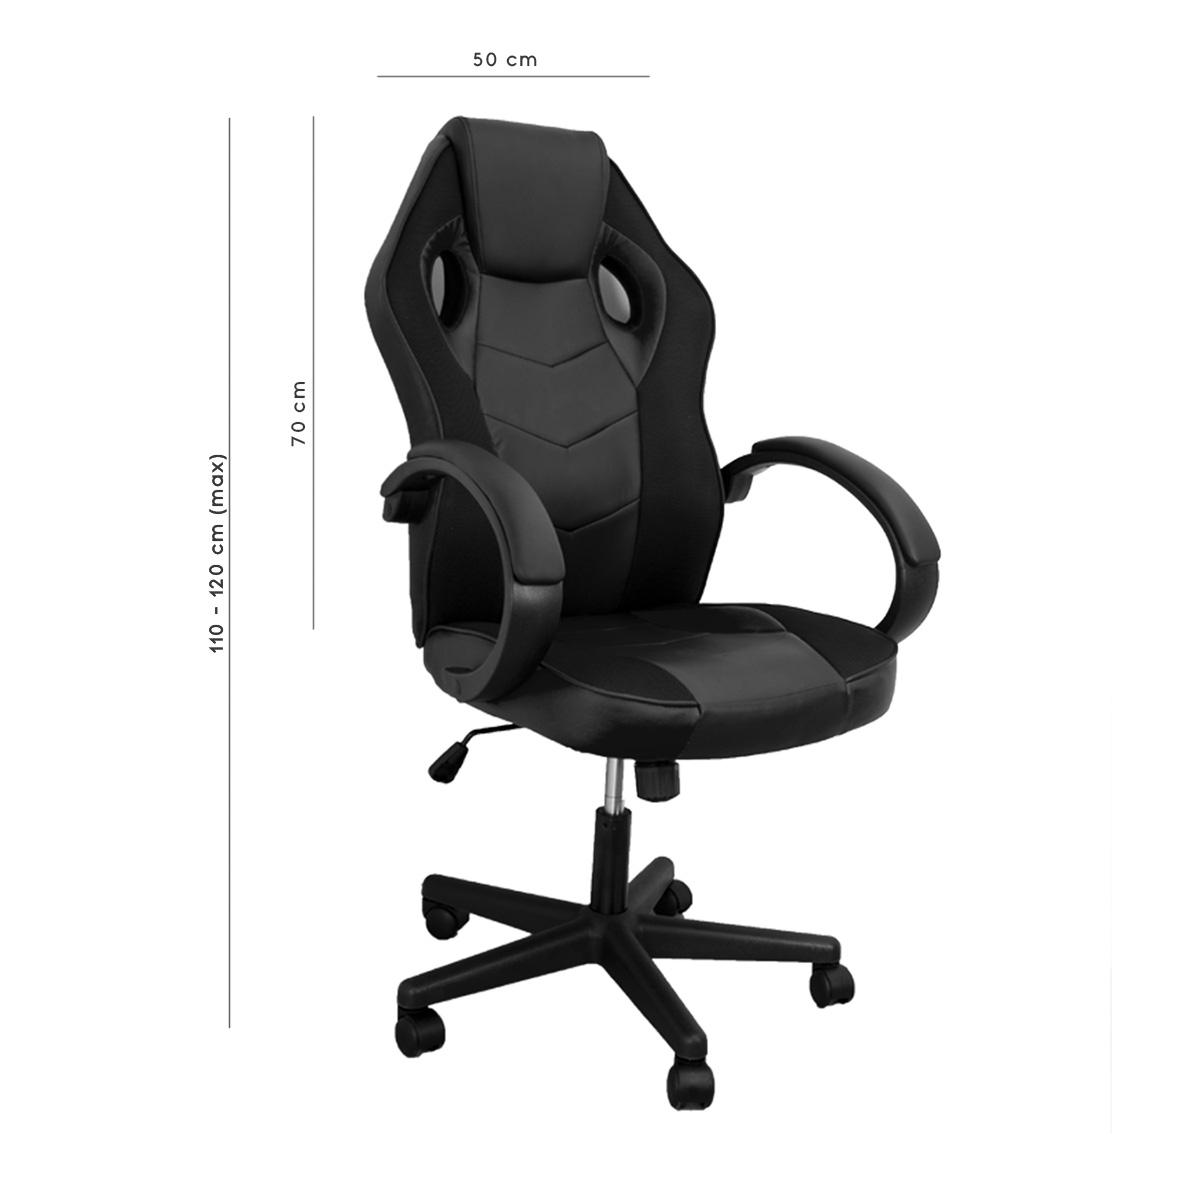 miniatura 4 - Sedia Poltrona da Gaming per Ufficio reclinabile Imbottita ergonomica GTX RTX